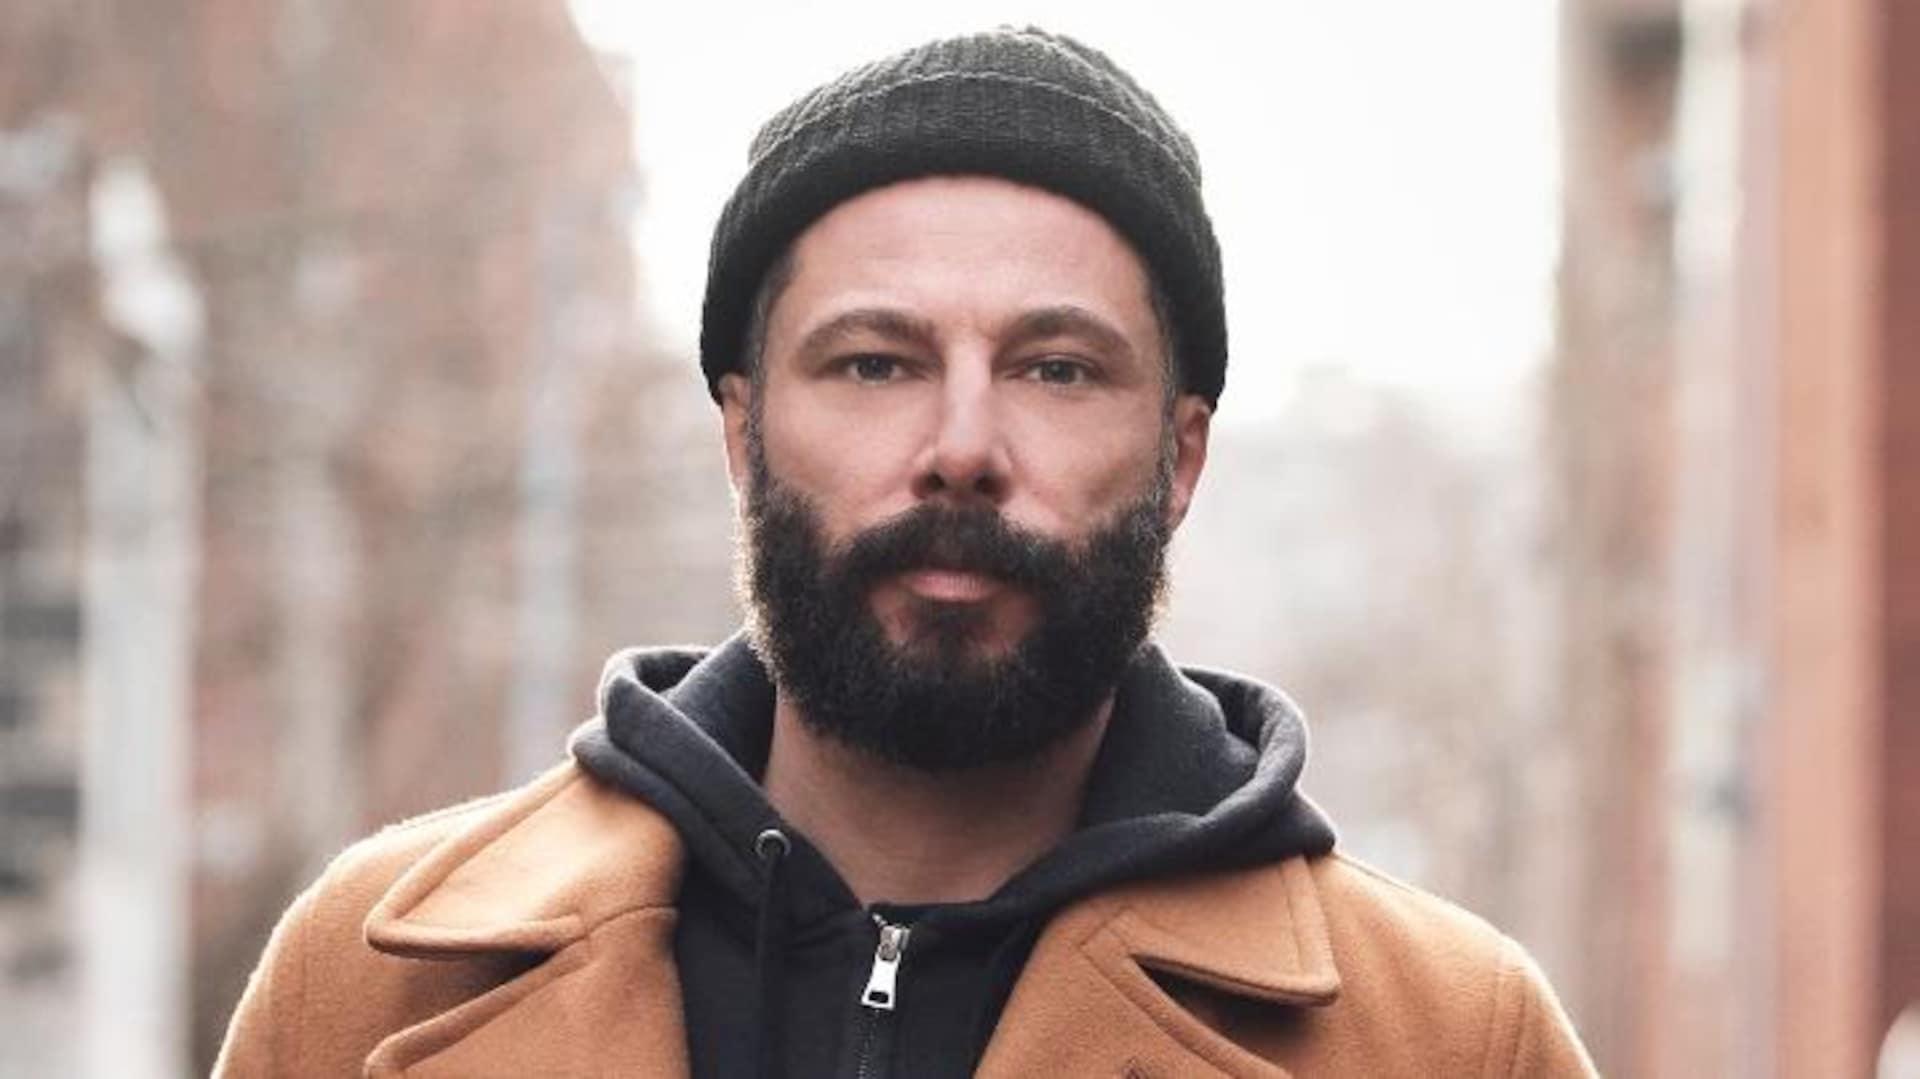 Portrait de Benoit Pinette qui porte une tuque et un manteau, dehors.